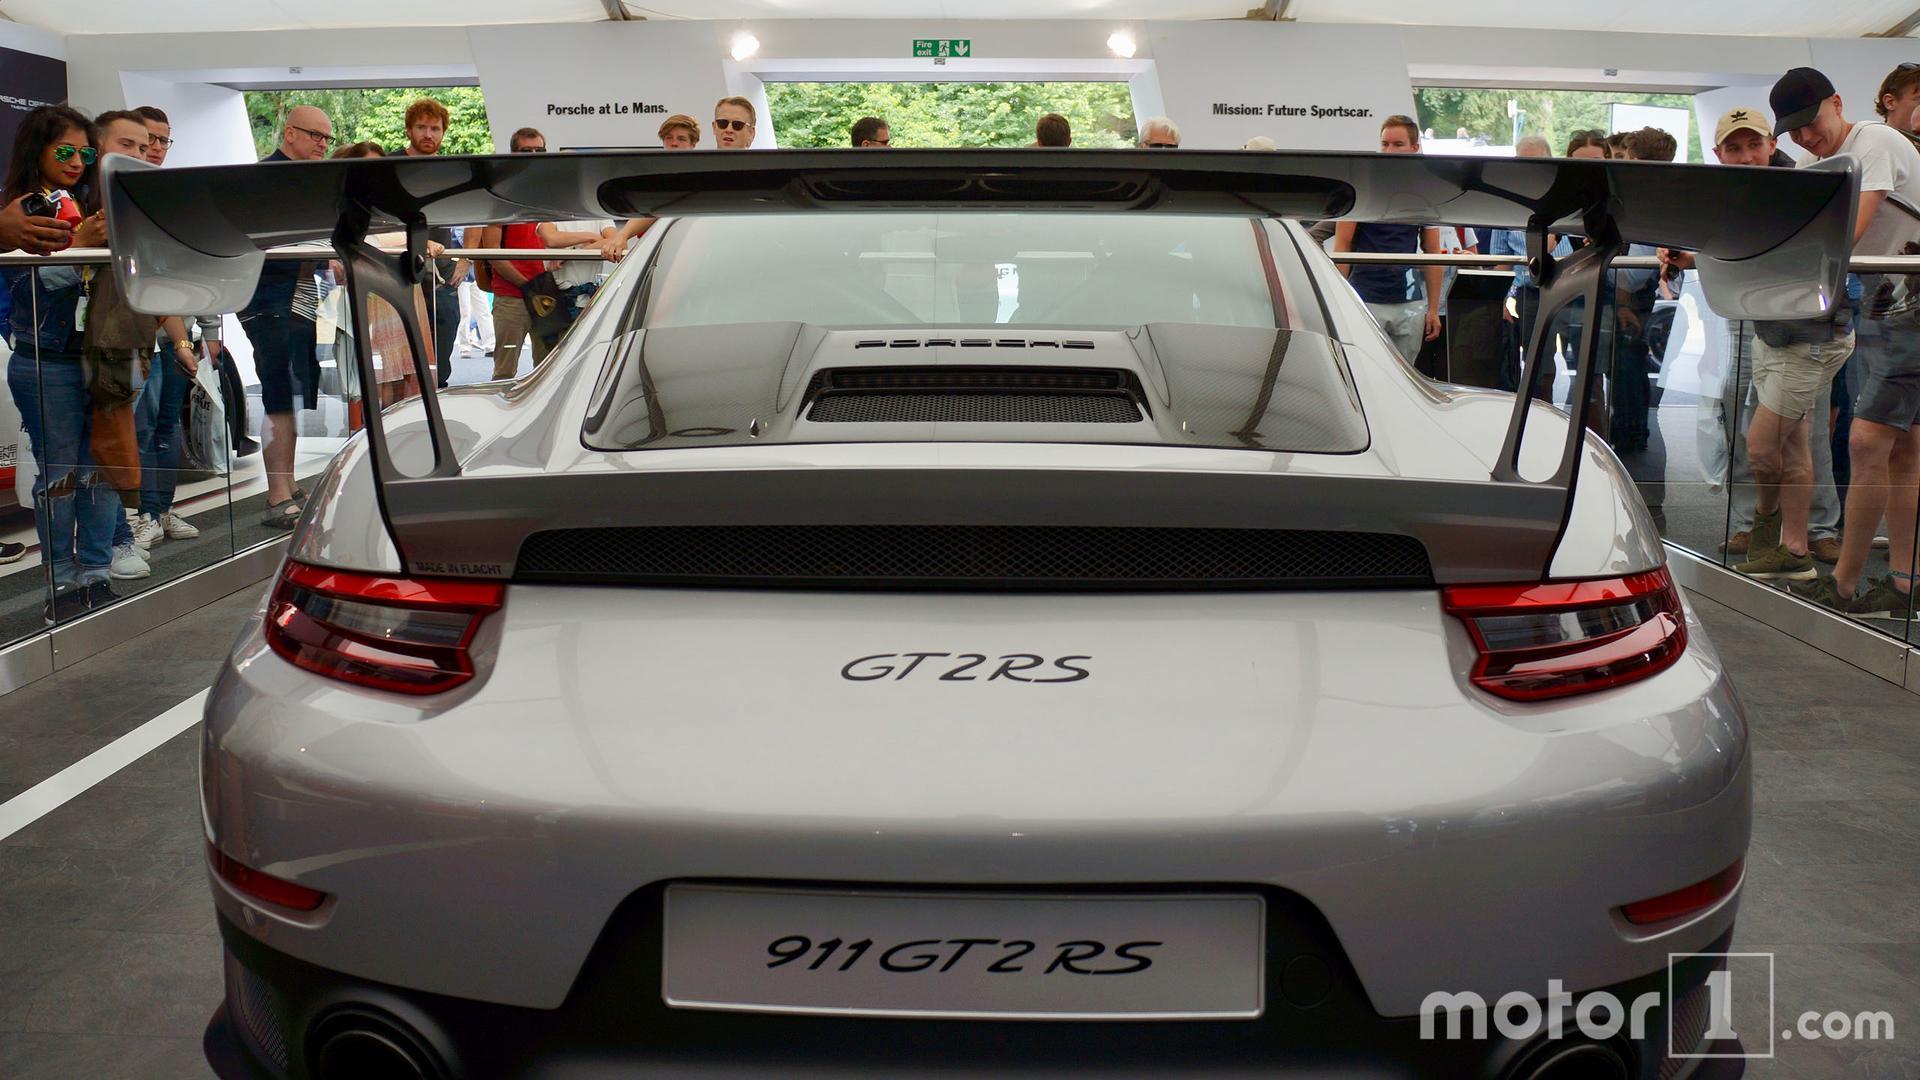 porsche-911-gt2-rs-goodwood-2017 Gorgeous Porsche 911 Gt2 Rs Essai Cars Trend